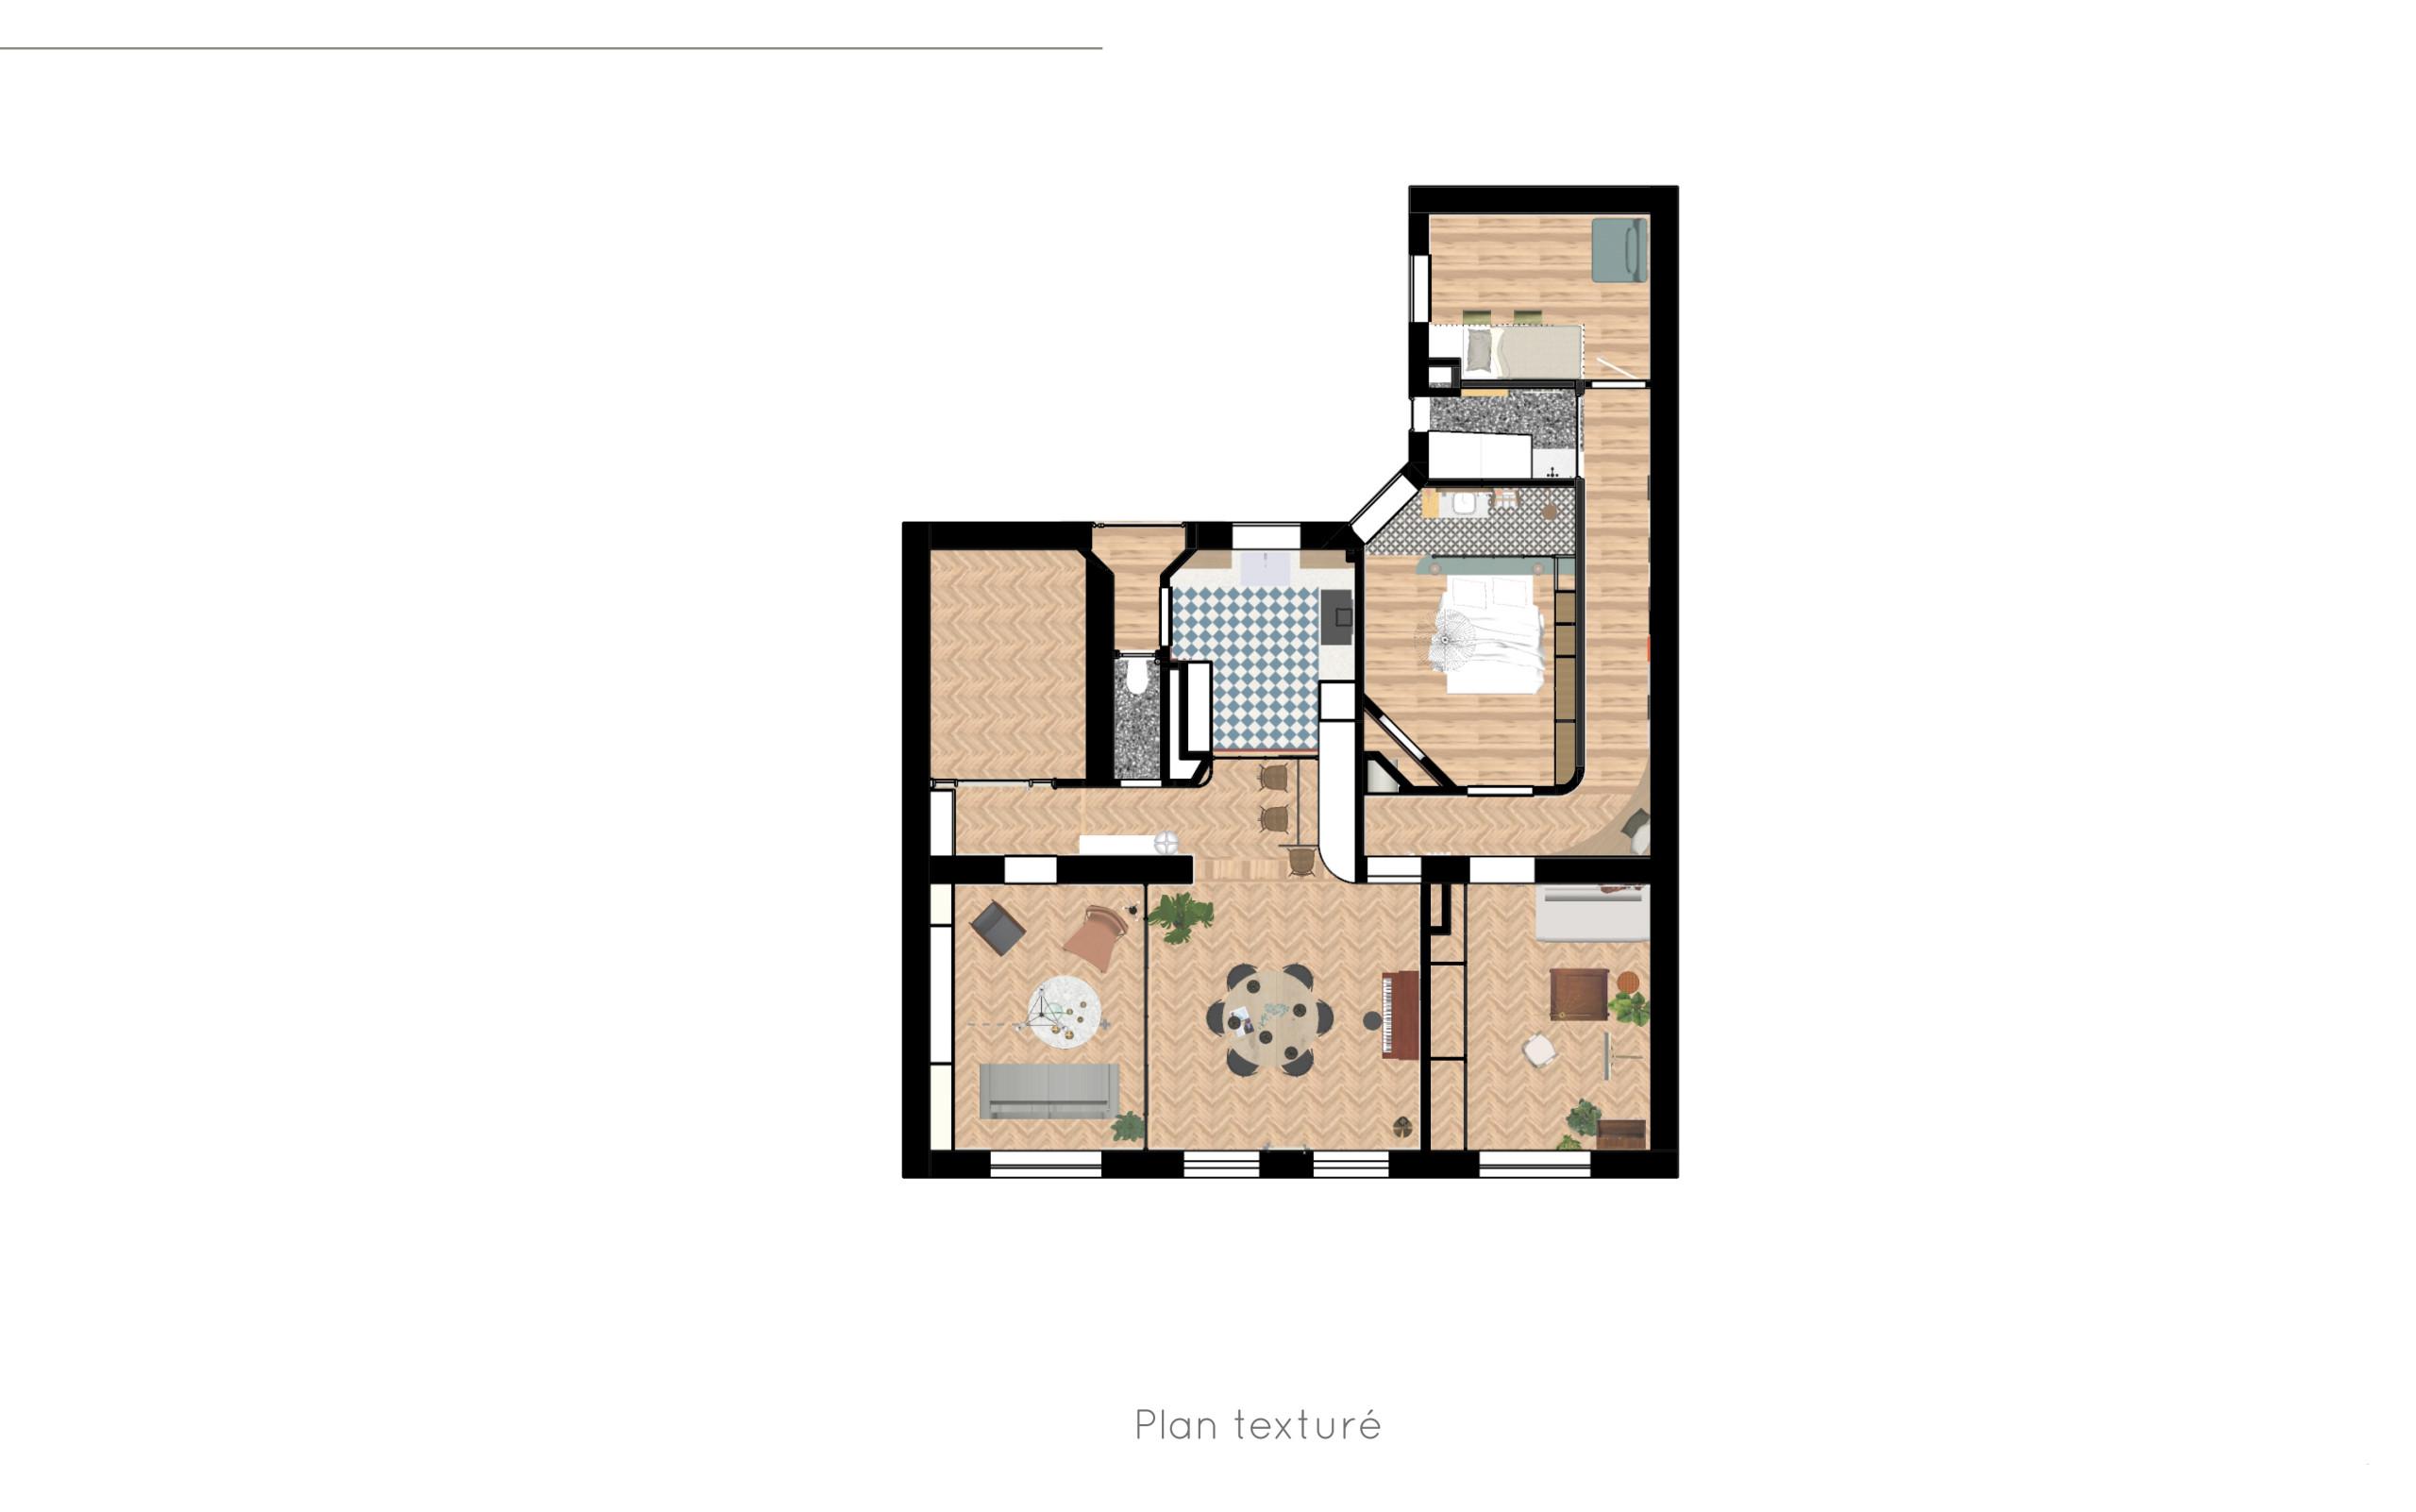 Option 1 - Appartement C - Plan texturé